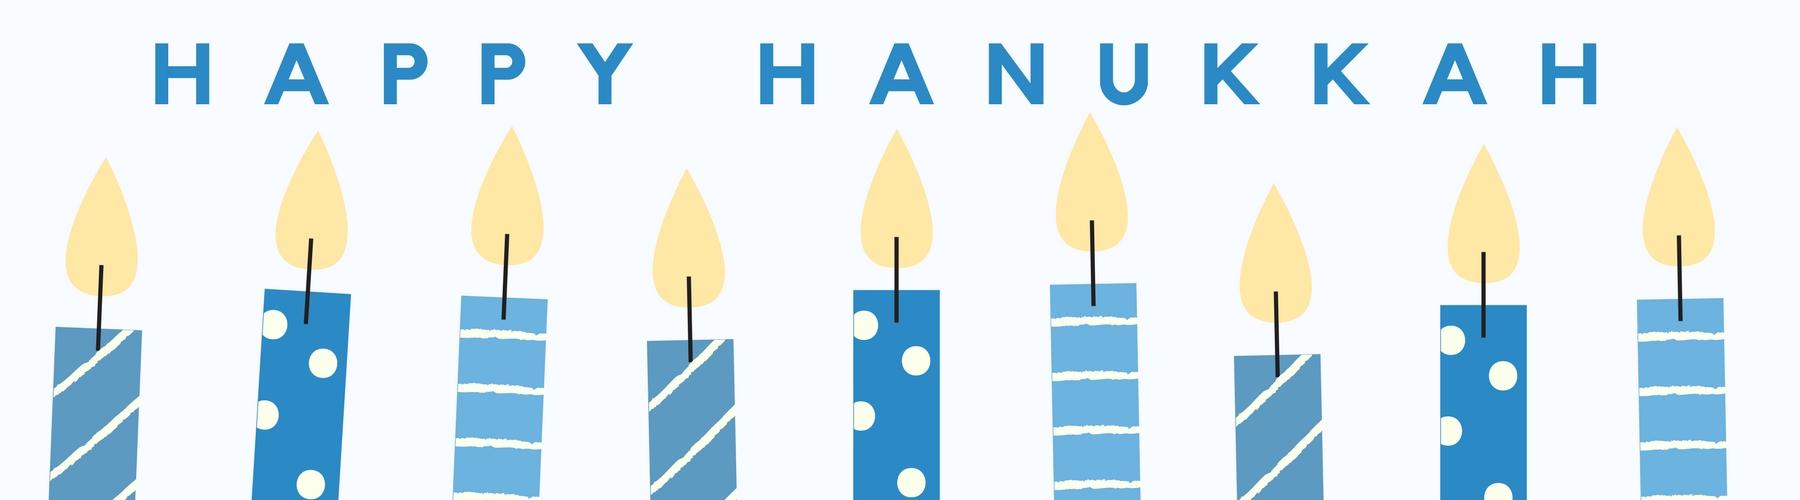 1800x500 Hanukkah Gift Baskets